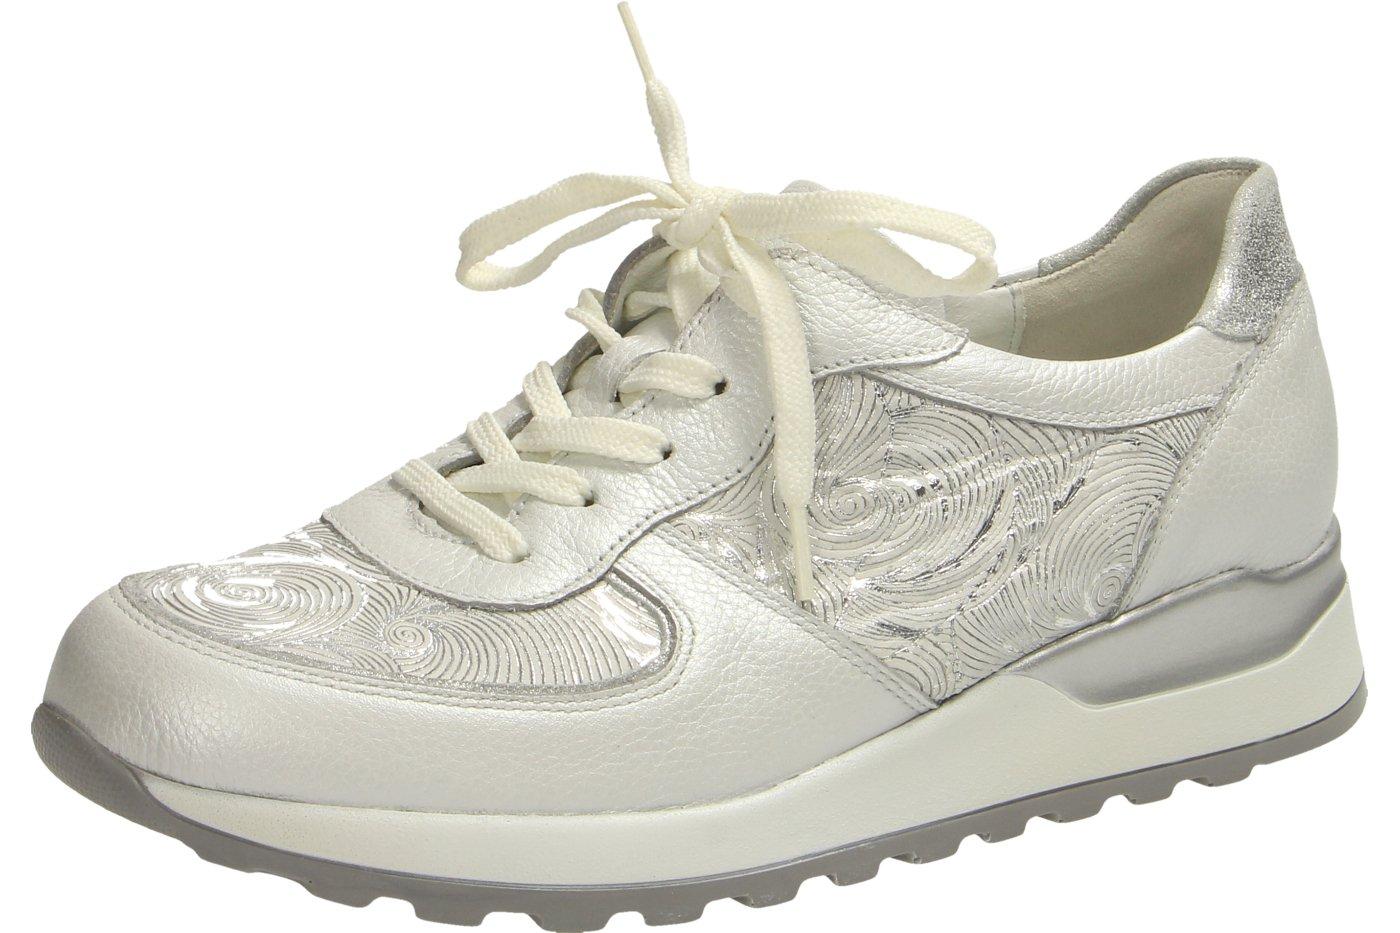 Waldläufer 364013 - Zapatos de cordones para mujer 38 EU|kombi